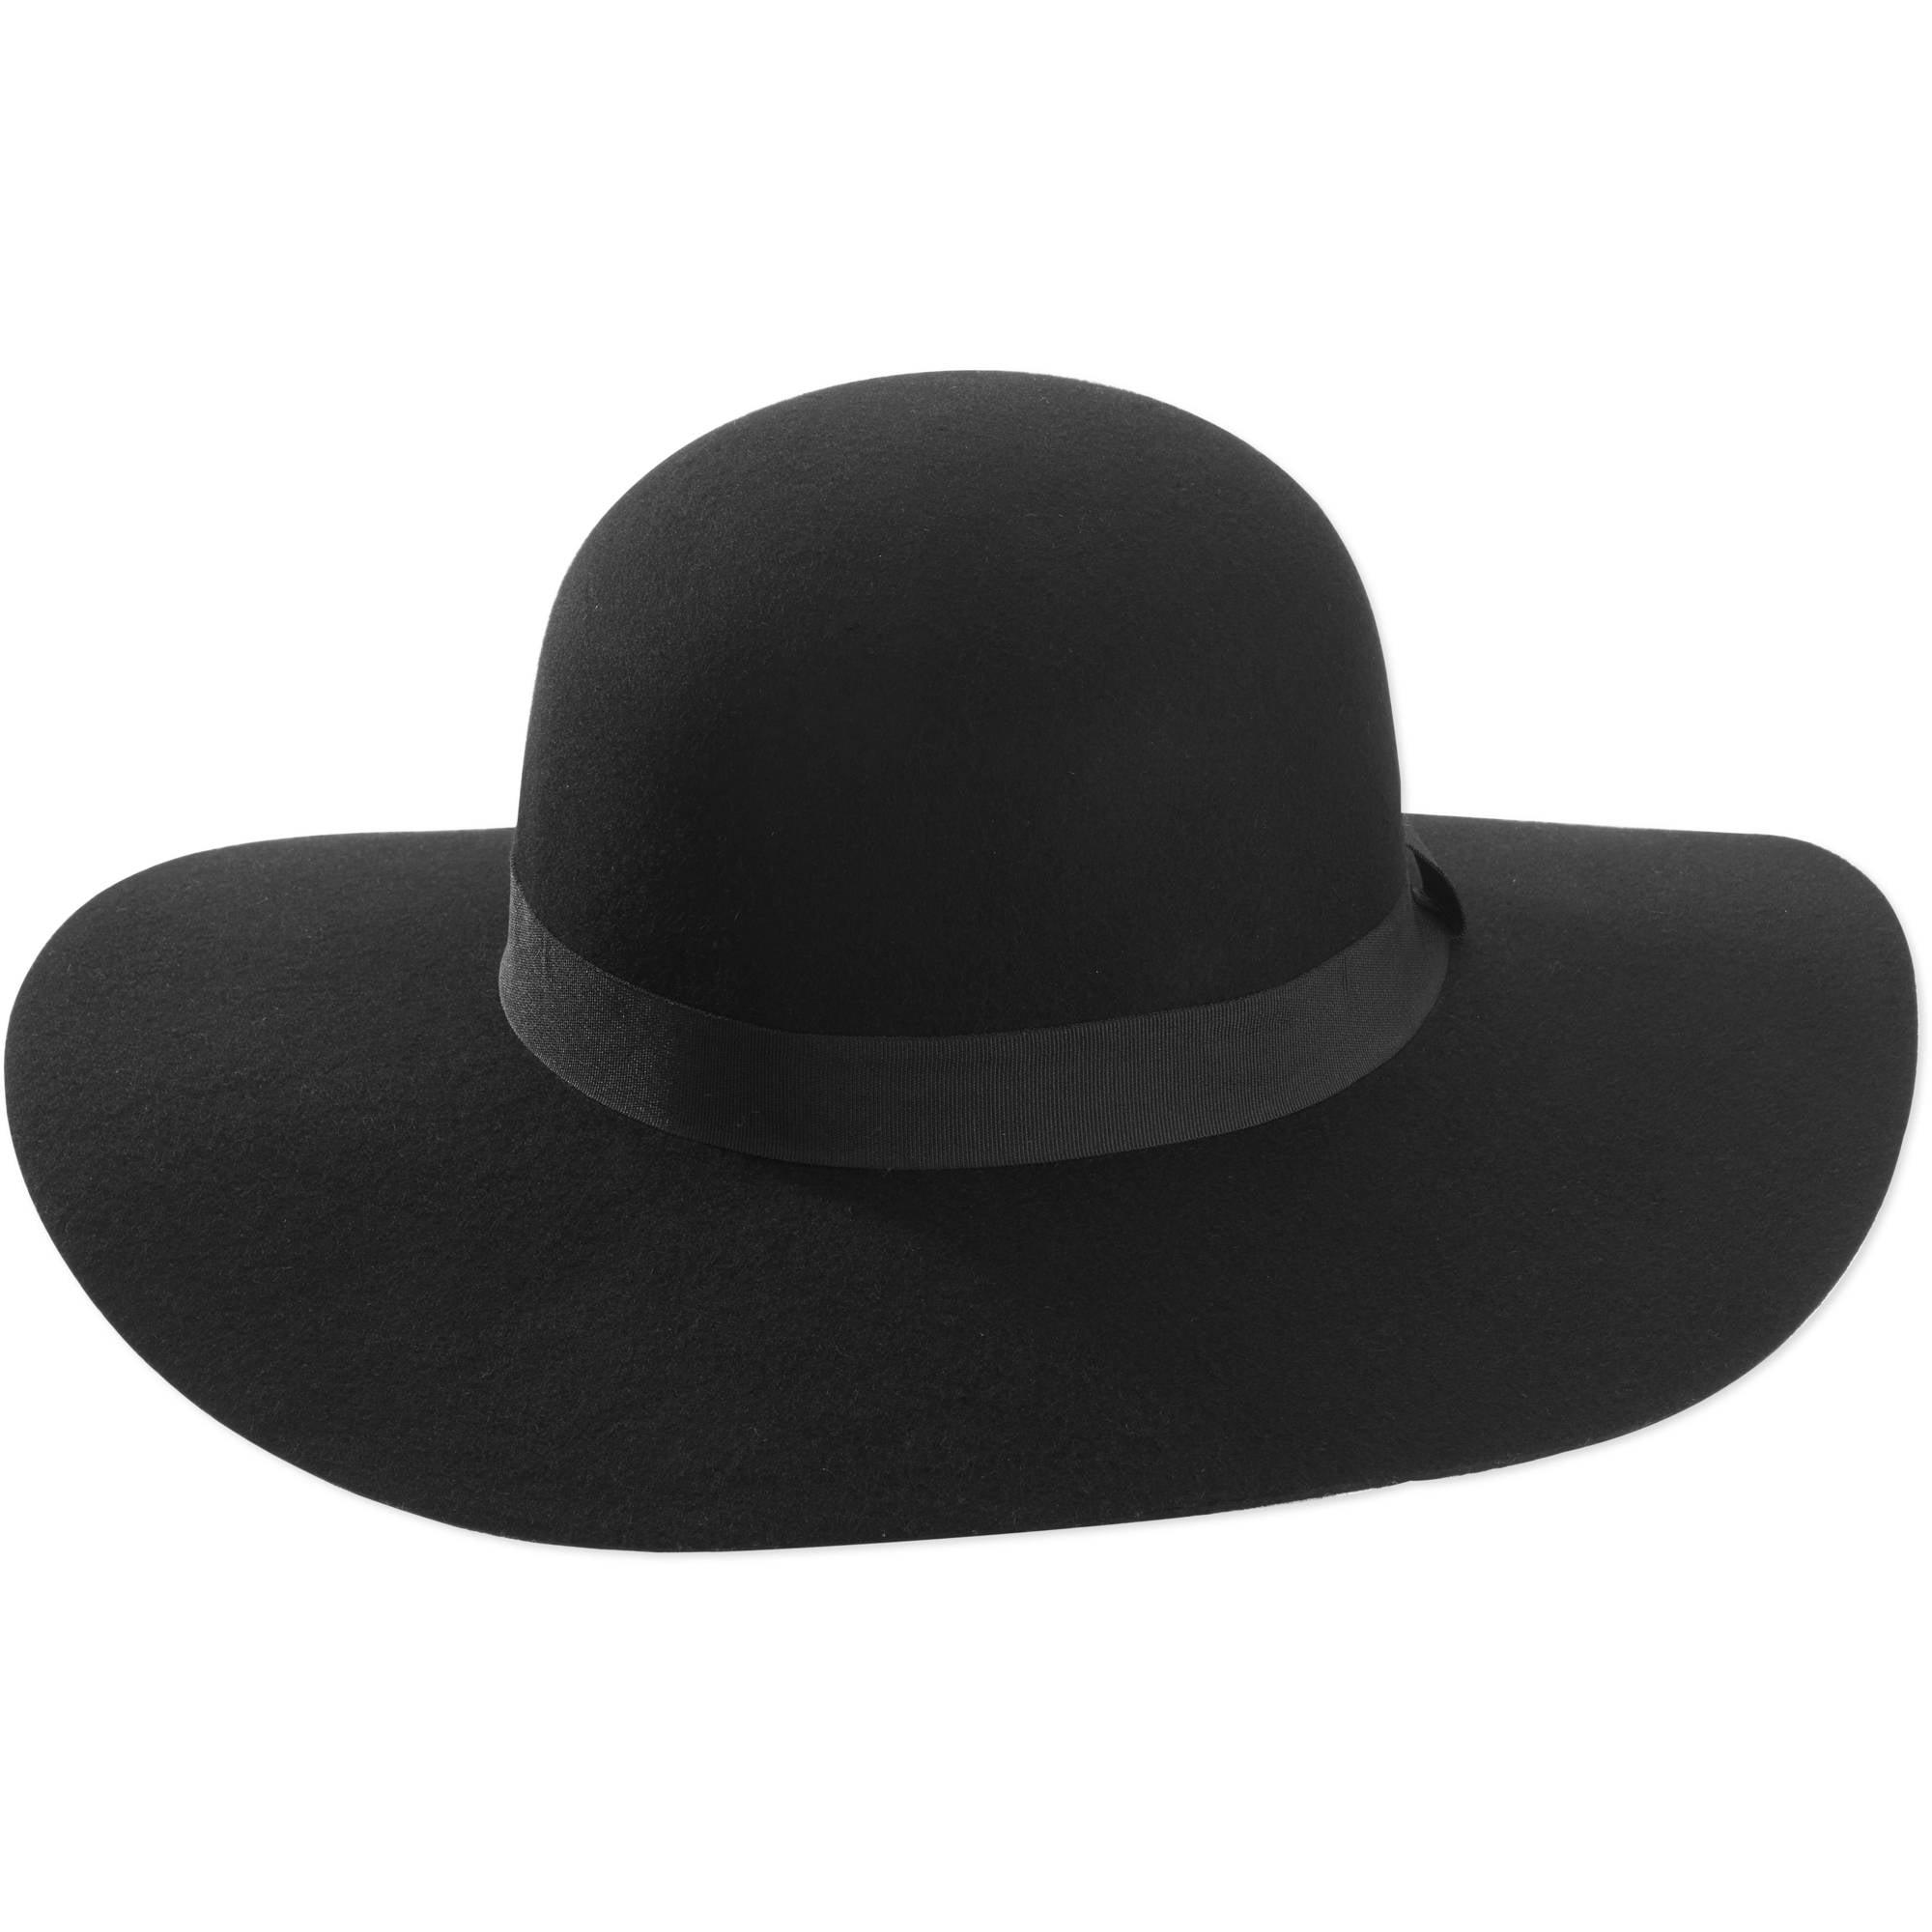 fdc3def3f Women's Floppy Wool Hat